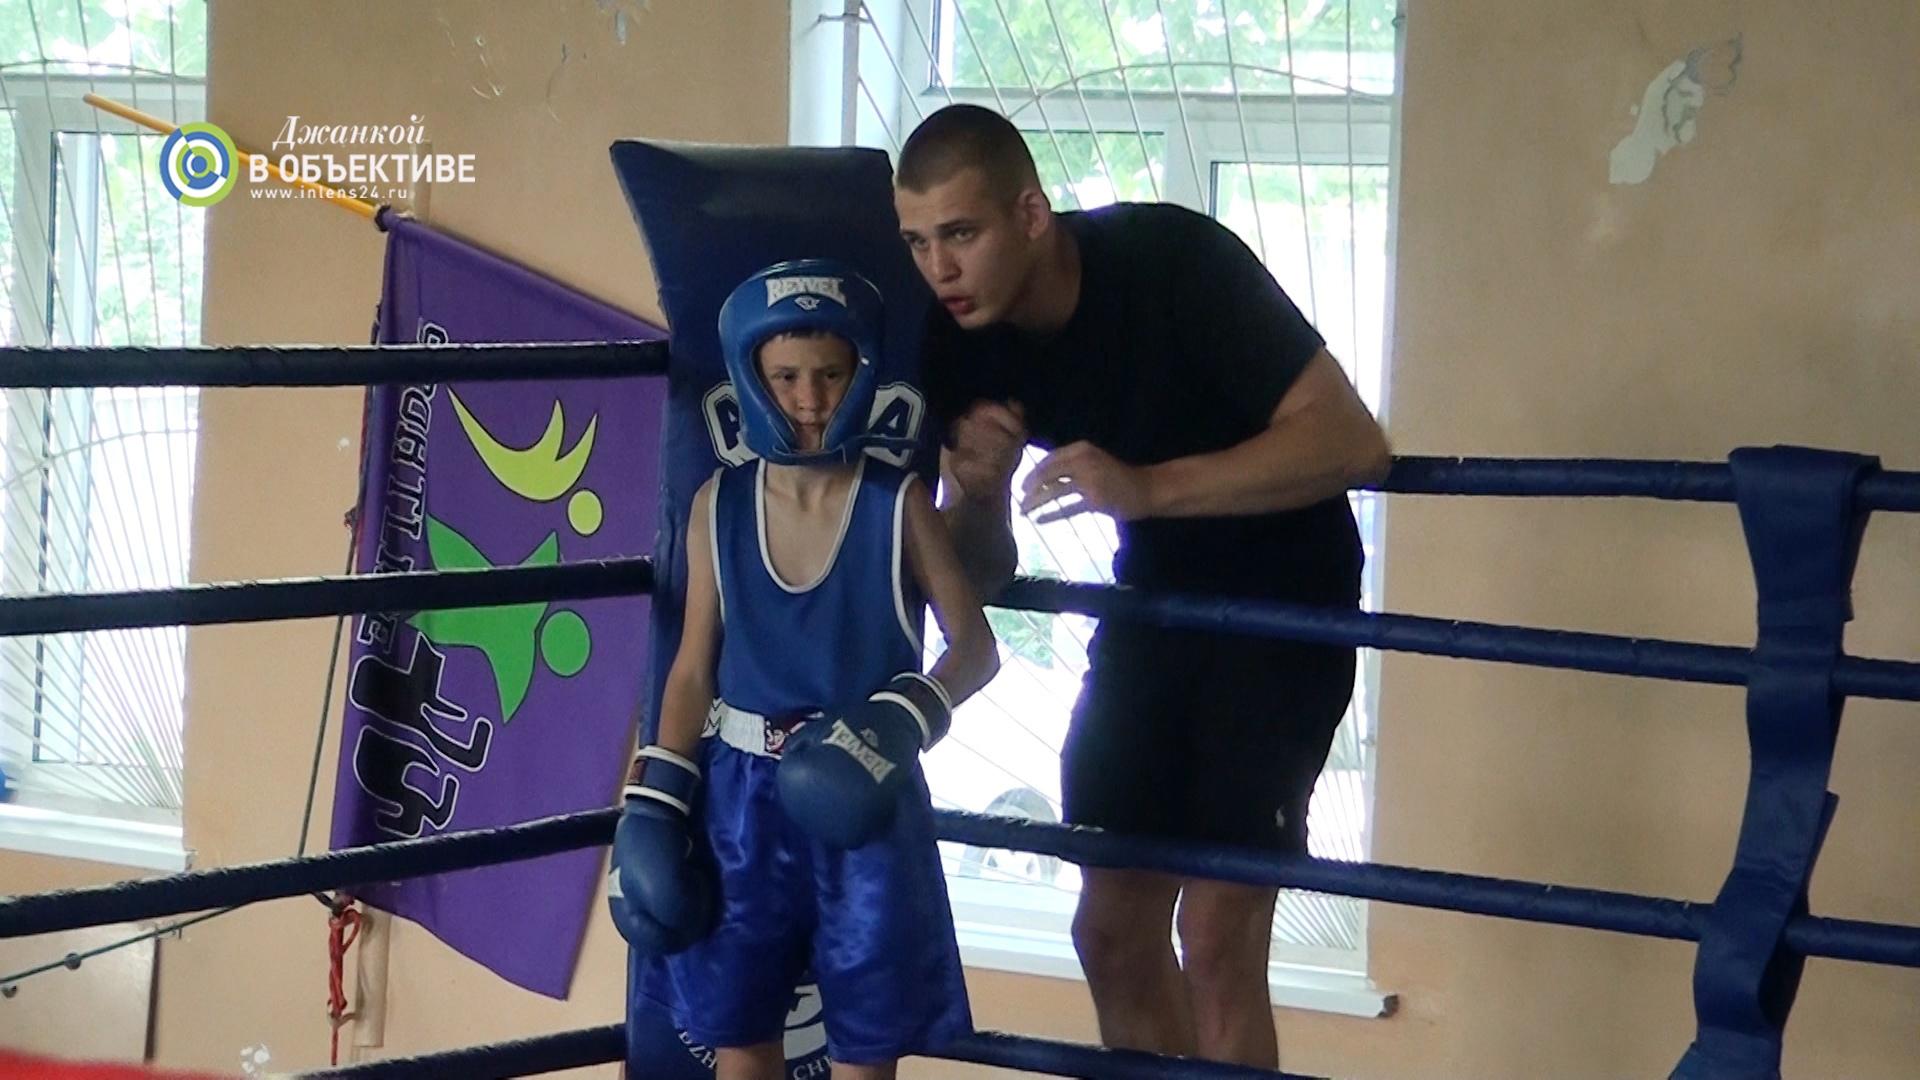 Школа бокса в г. Джанкое провела открытый турнир